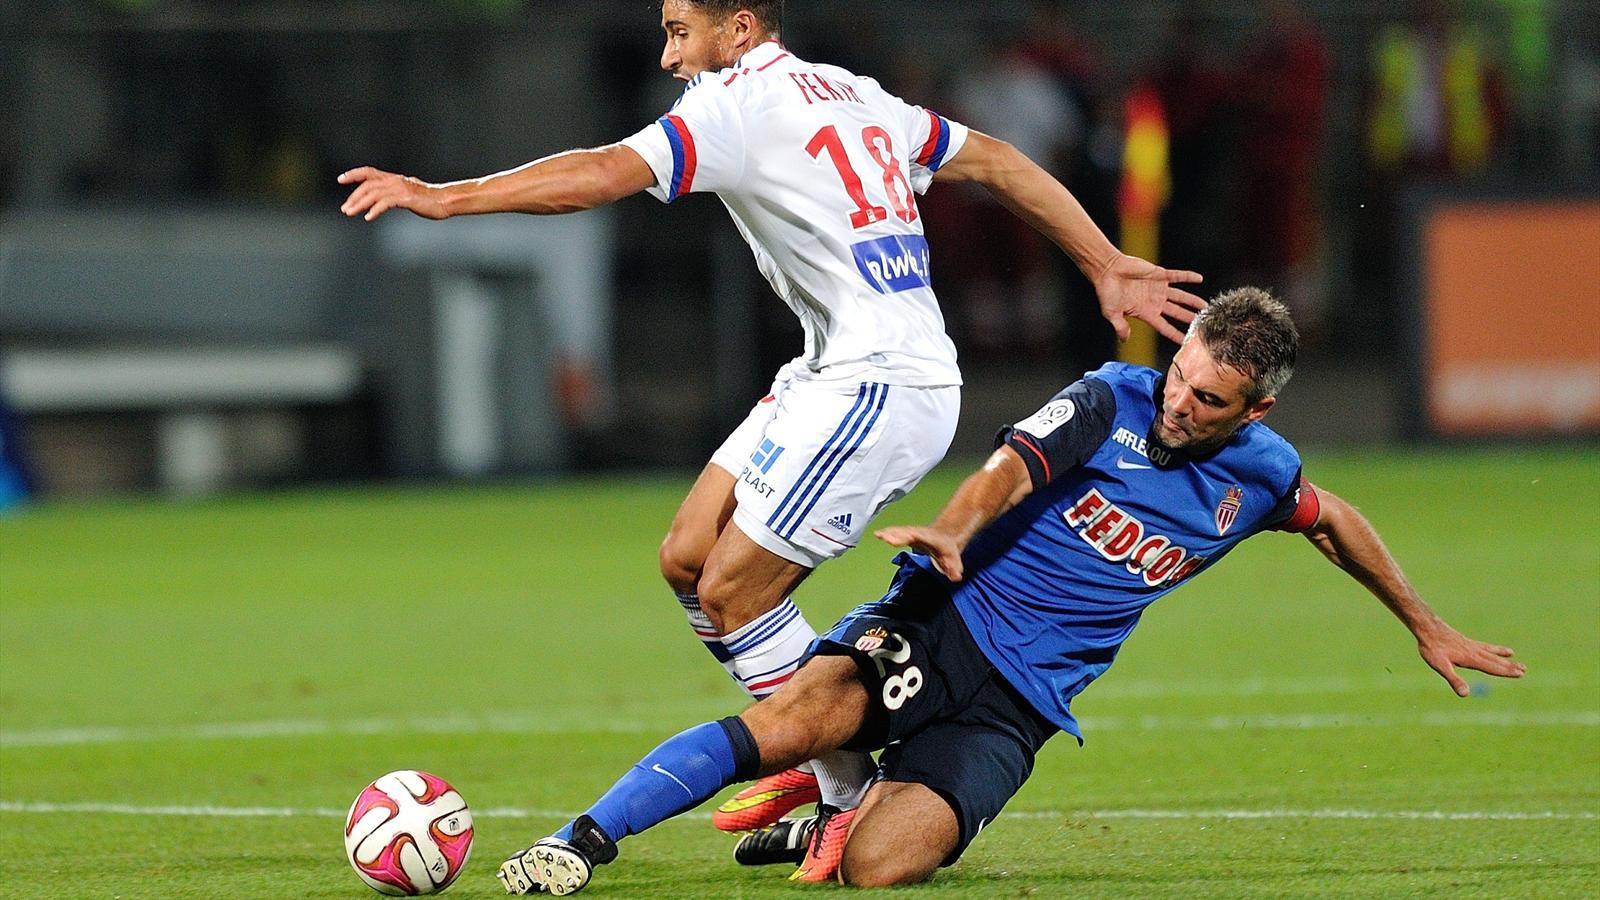 Coupe de la ligue huiti mes de finale paris ajaccio lyon monaco lille bordeaux l 39 affiche - Lyon monaco coupe de la ligue 2014 ...